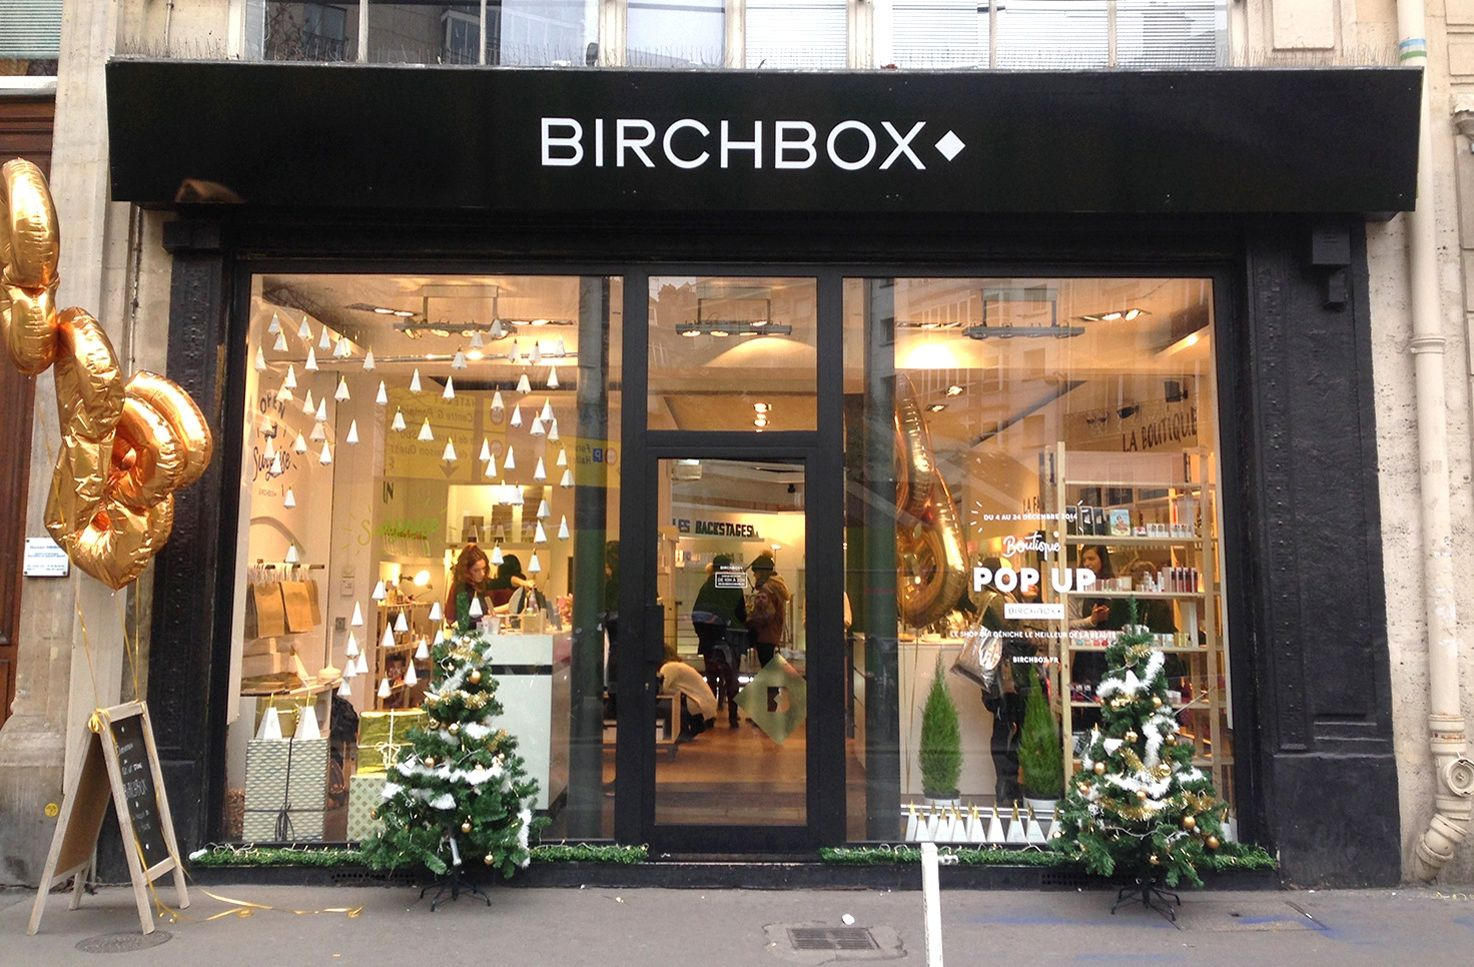 La redoute ouvre une boutique a paris le figaro - La redoute interieur boutique ...